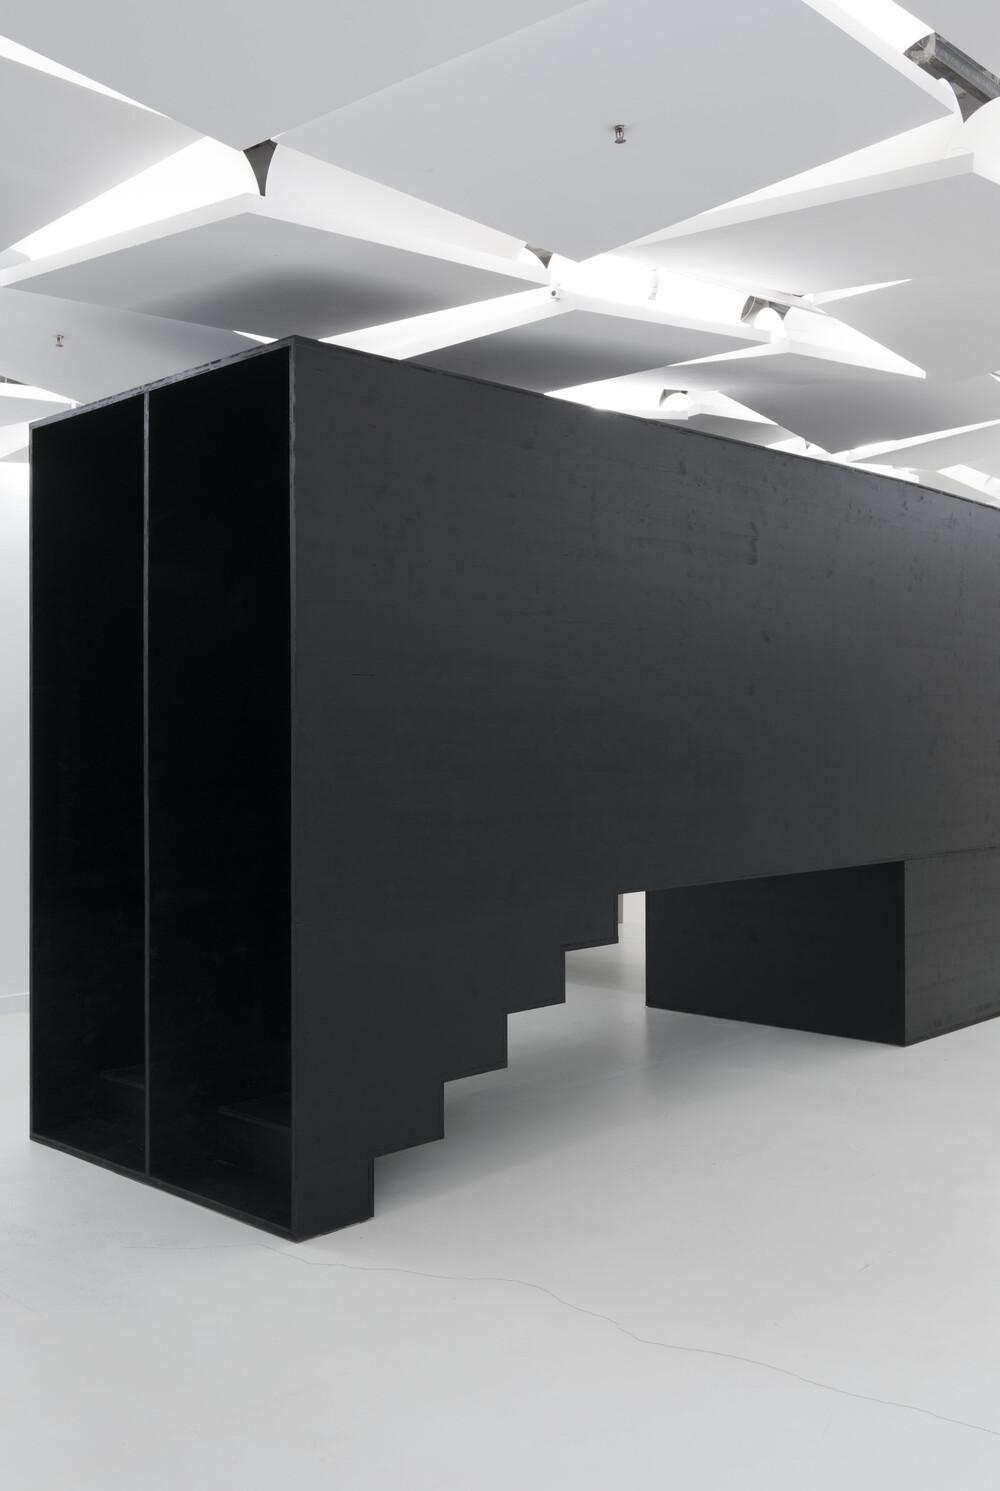 Vue de l'exposition Lang/Baumann à la Galerie des Galeries, Galeries Lafayette Paris, 2019.  Courtesy Lang/Baumann © L/B, 2019. Photo: Thibaut Voisin - © Galerie des Galeries